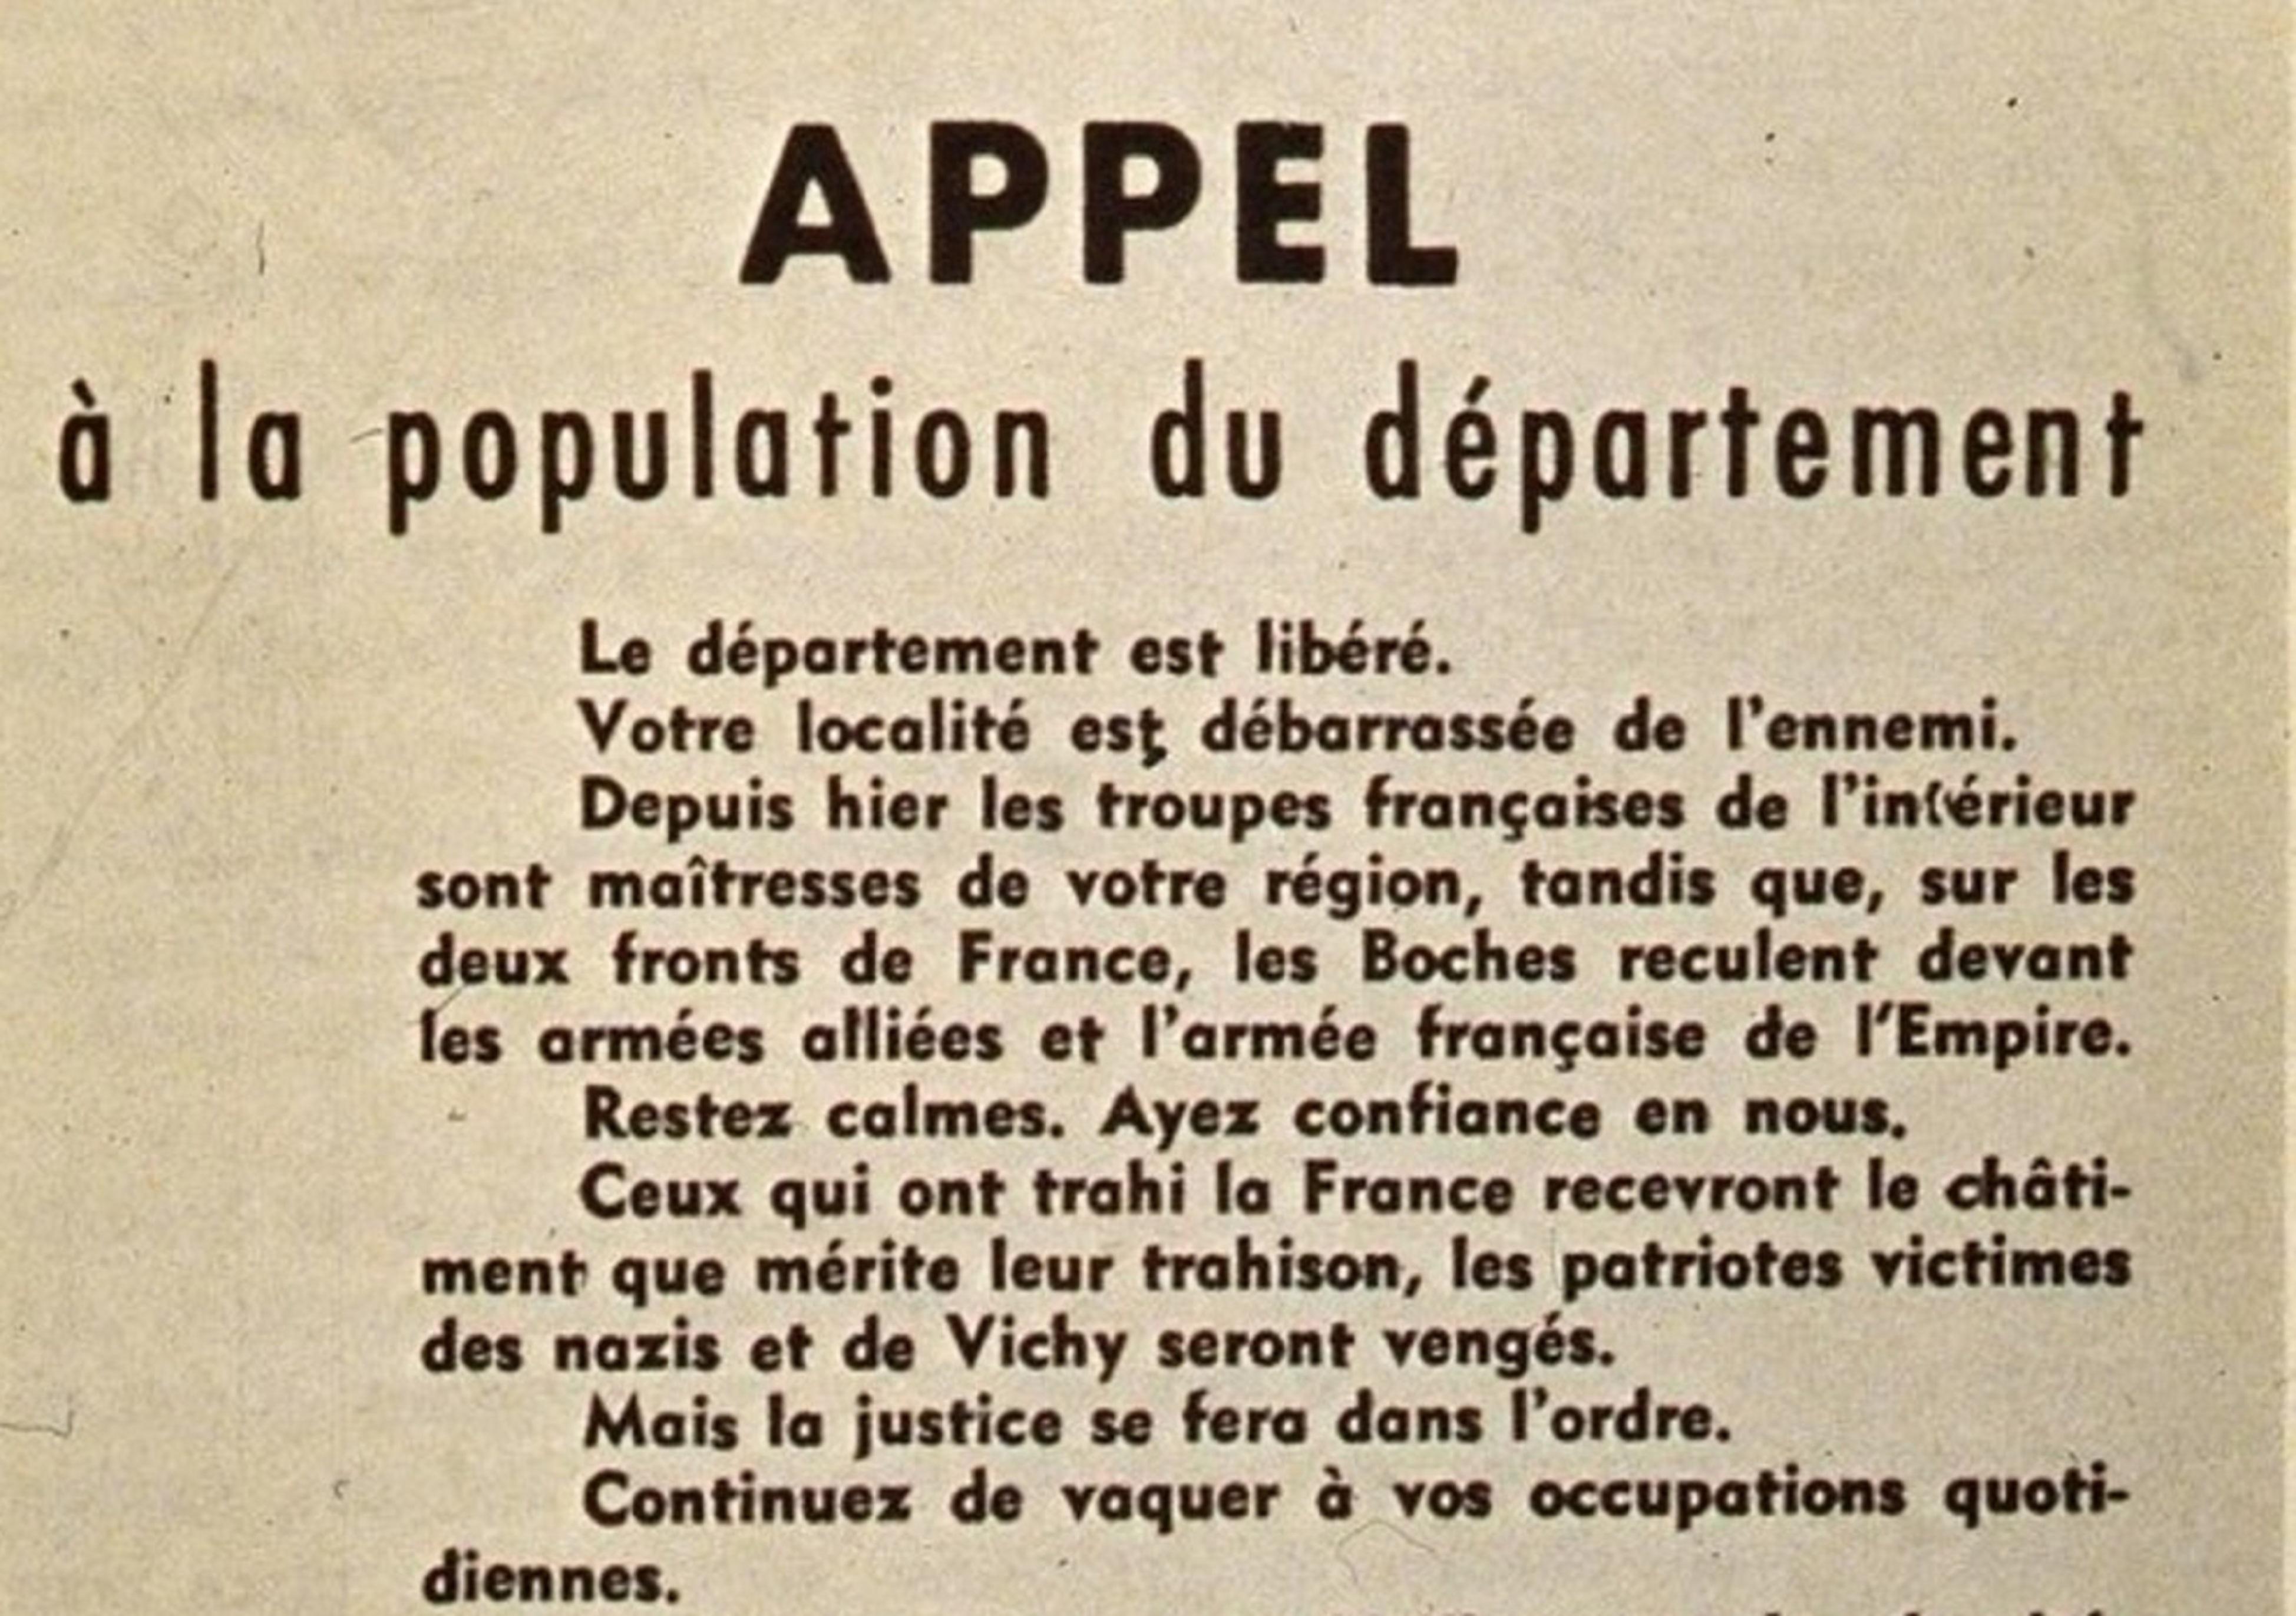 L'appel à la population du Lot du 18 août 1944 - Enseigner de Gaulle